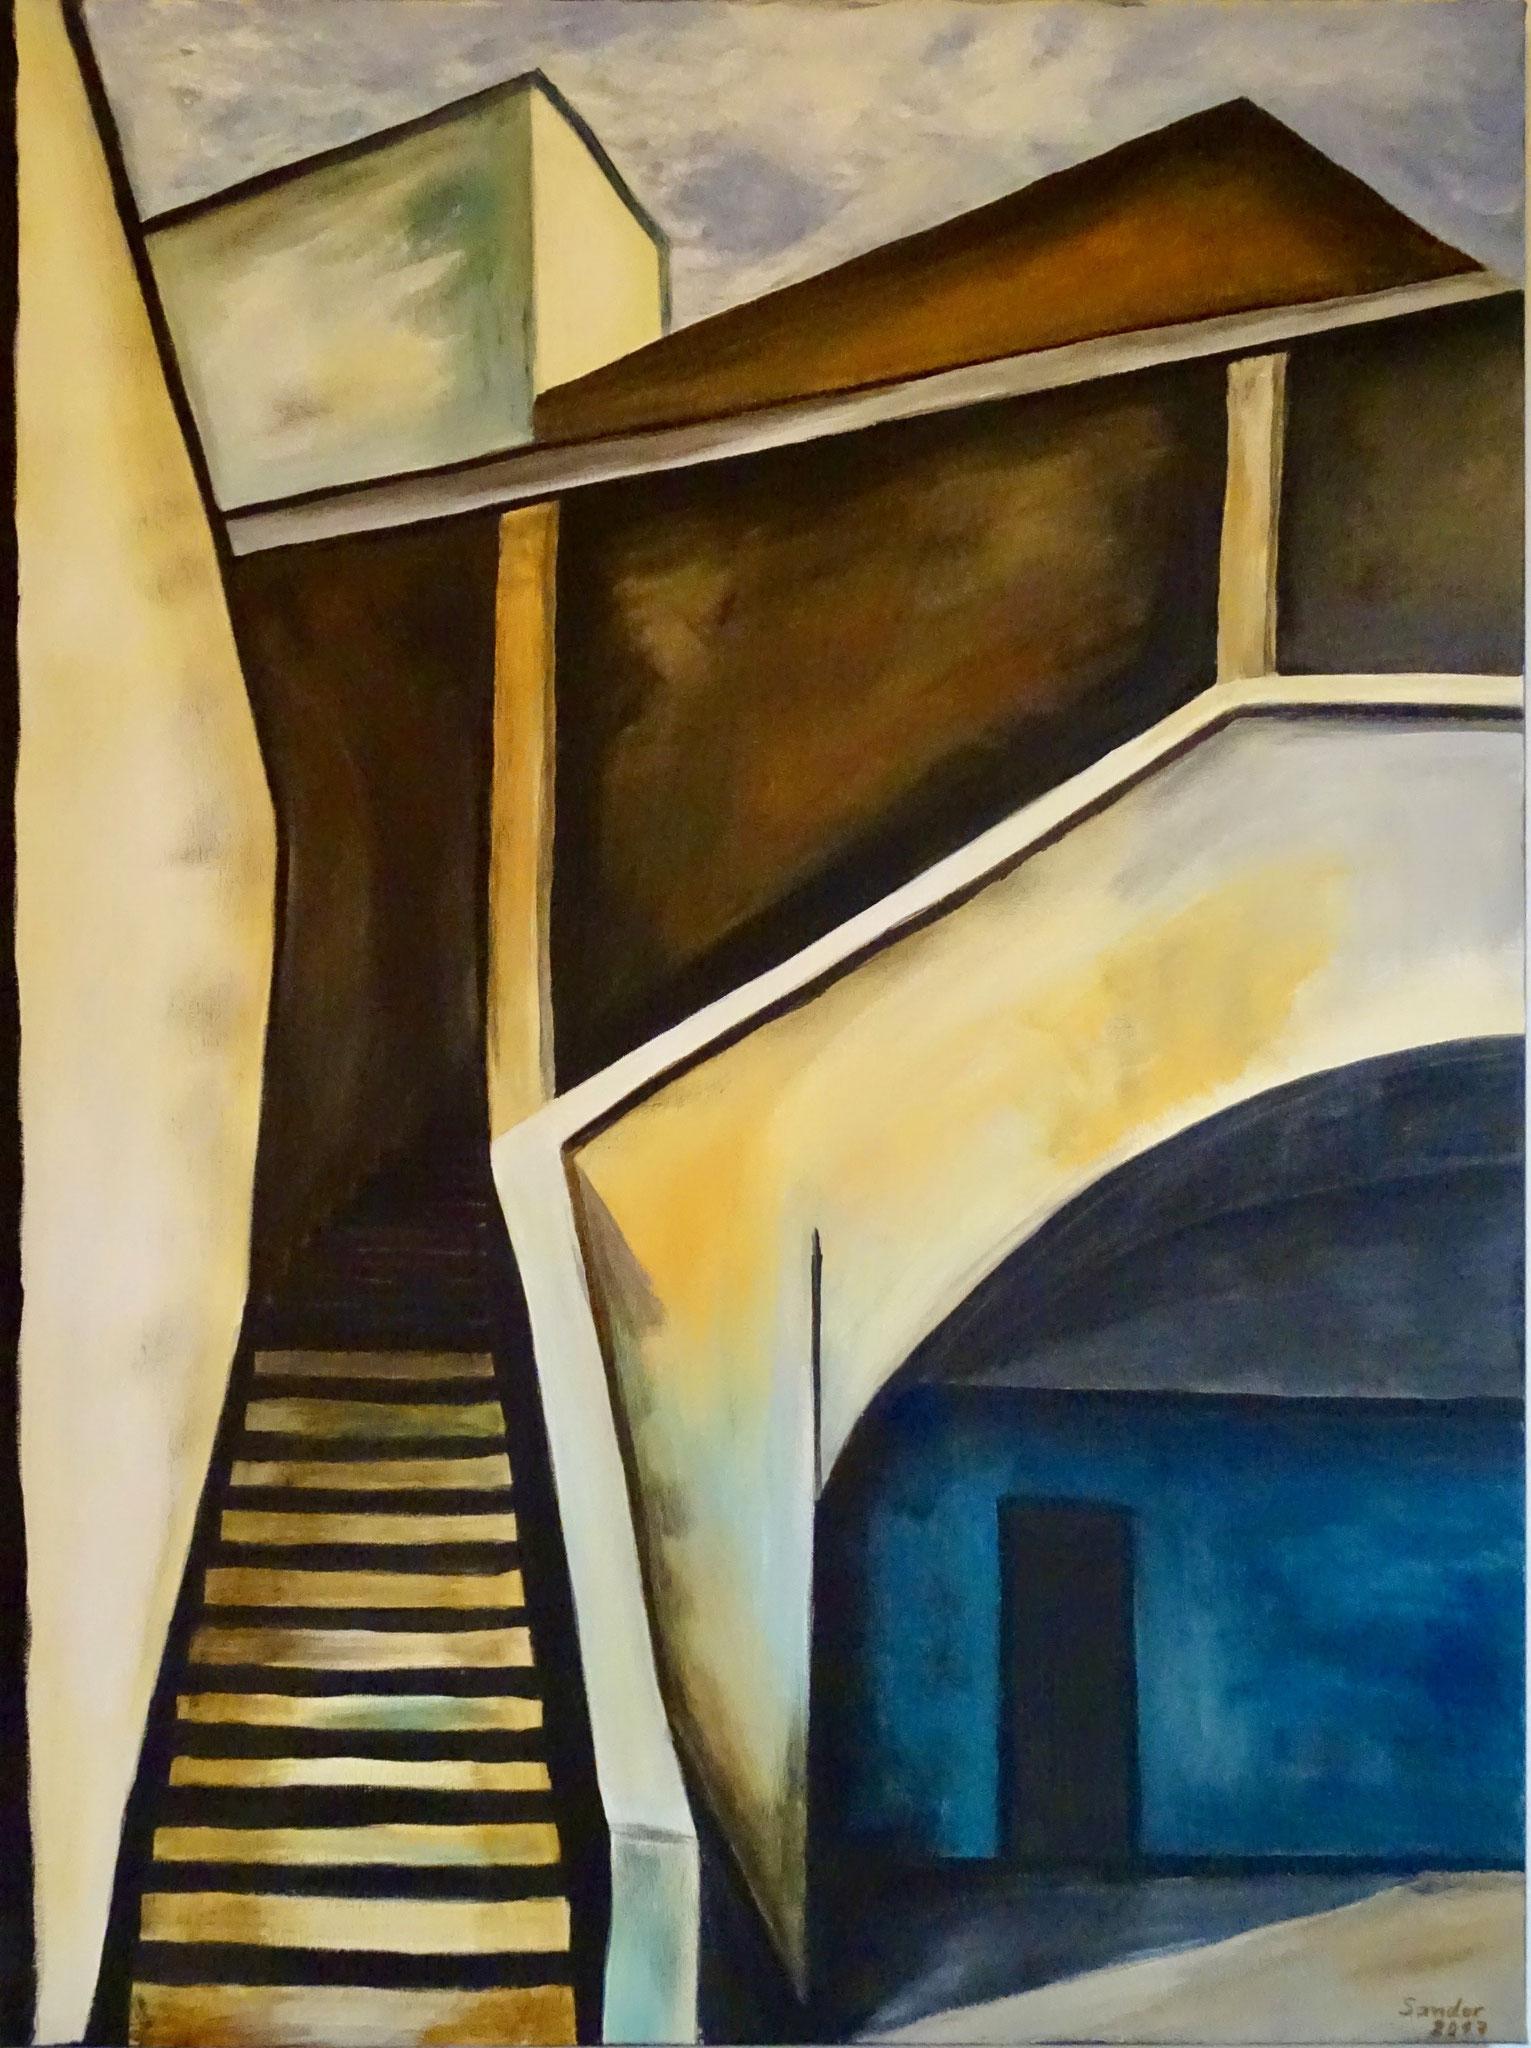 Innenhof, 80 x 60 cm, Acrylfarben auf Keilrahmen, signiert und datiert 2017